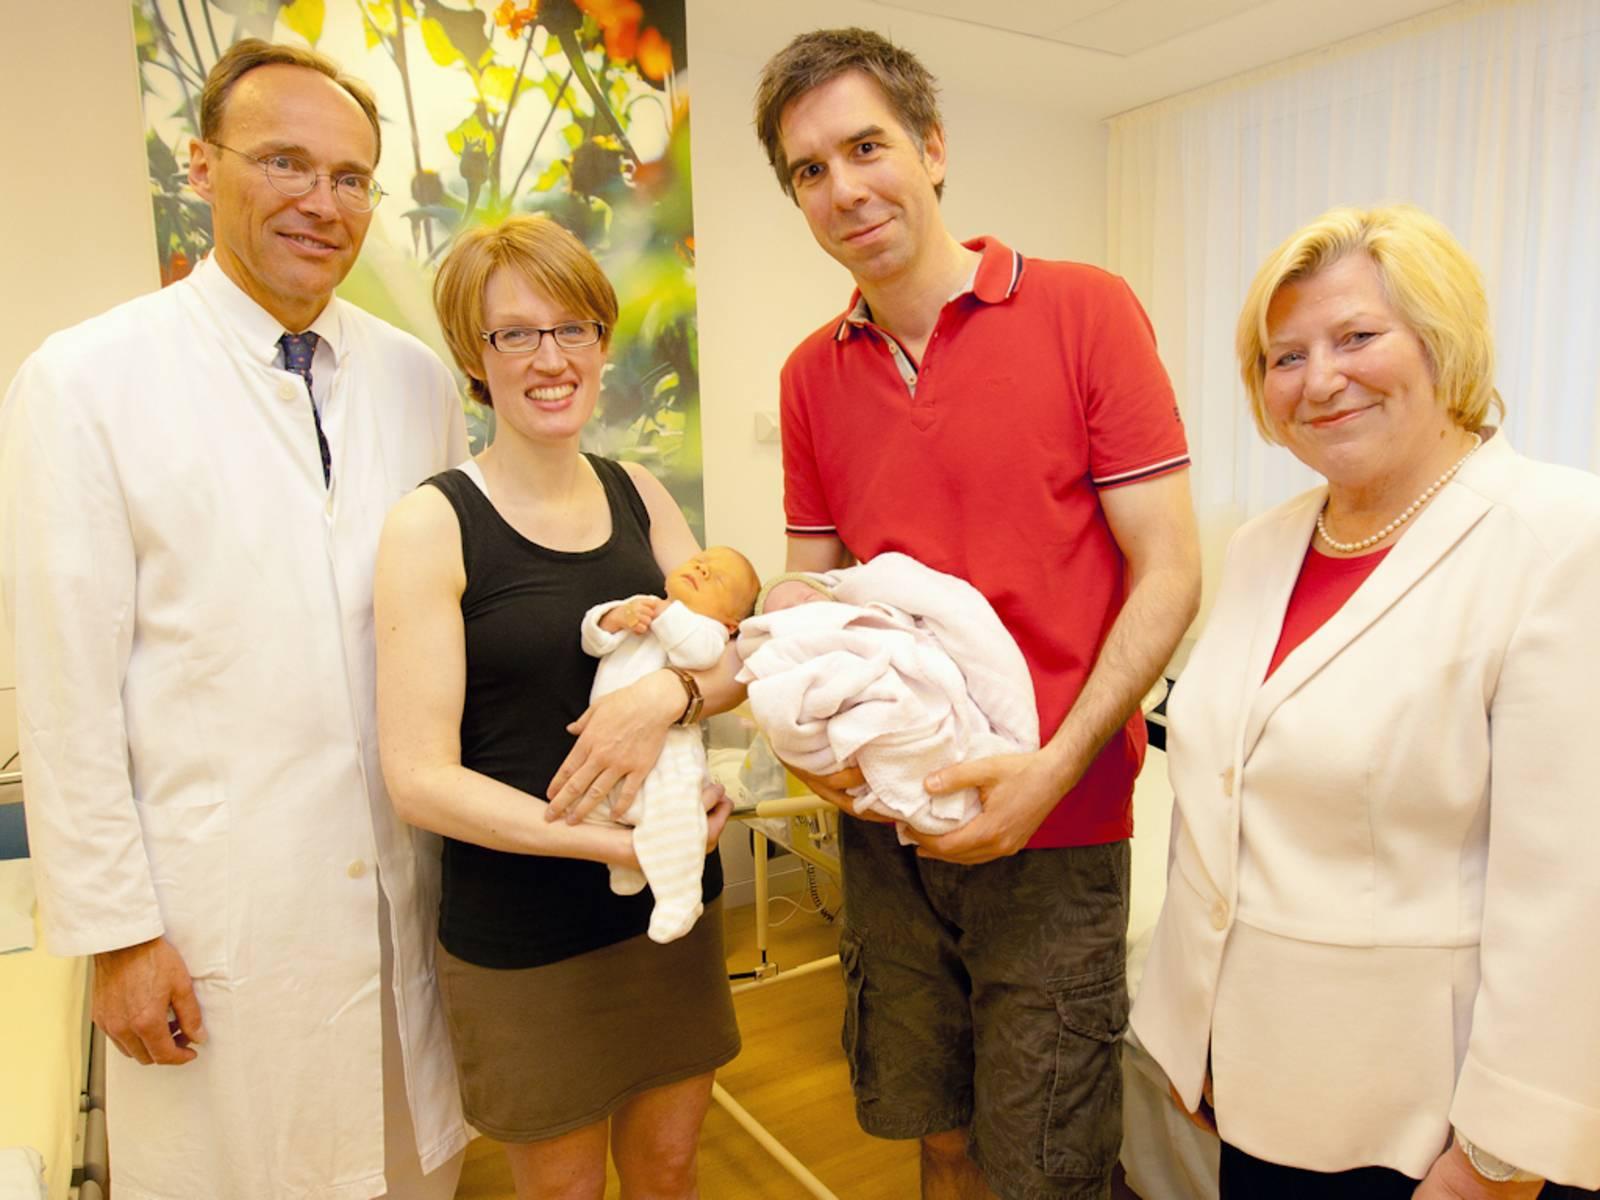 Zwei Männer und zwei Frauen mit zwei Säuglingen